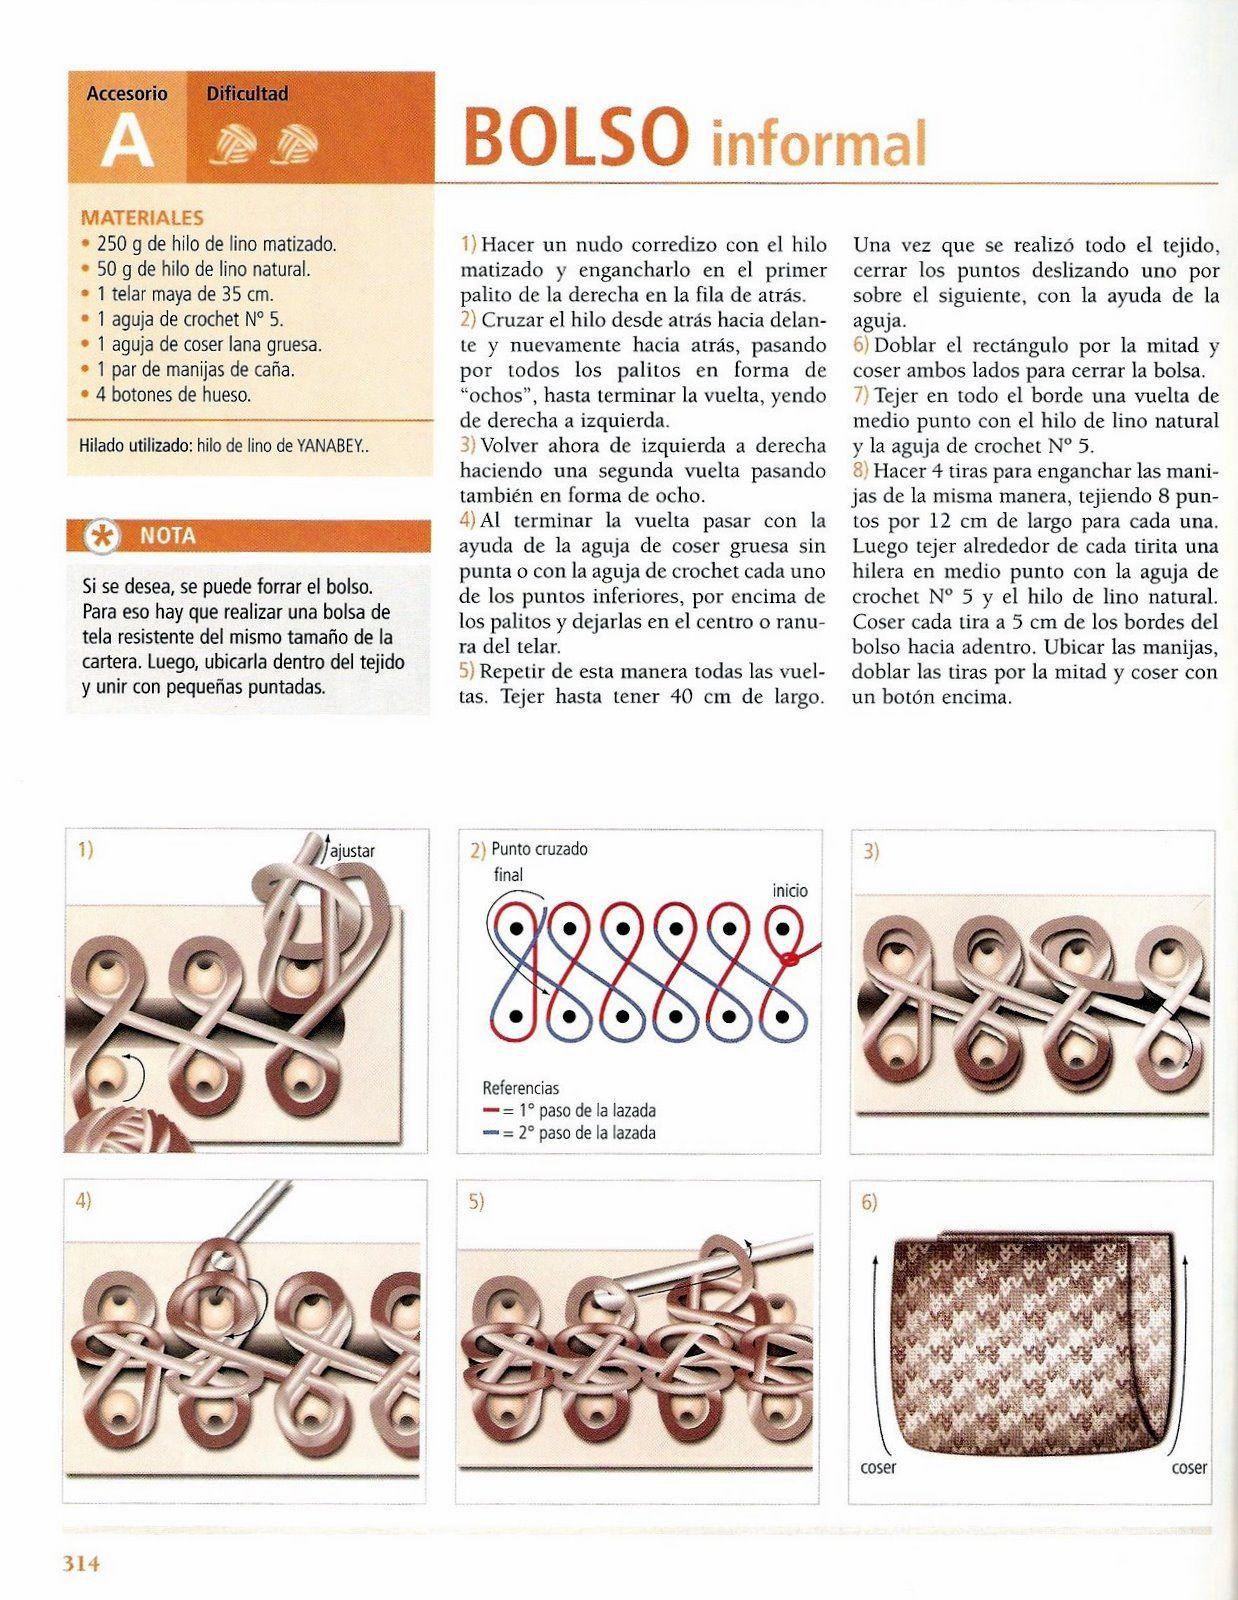 y hacer nuevas ideas, a partir de este proyecto, pues no es mucha la información que se puede encontrar para el uso del telar azteca o rectangular